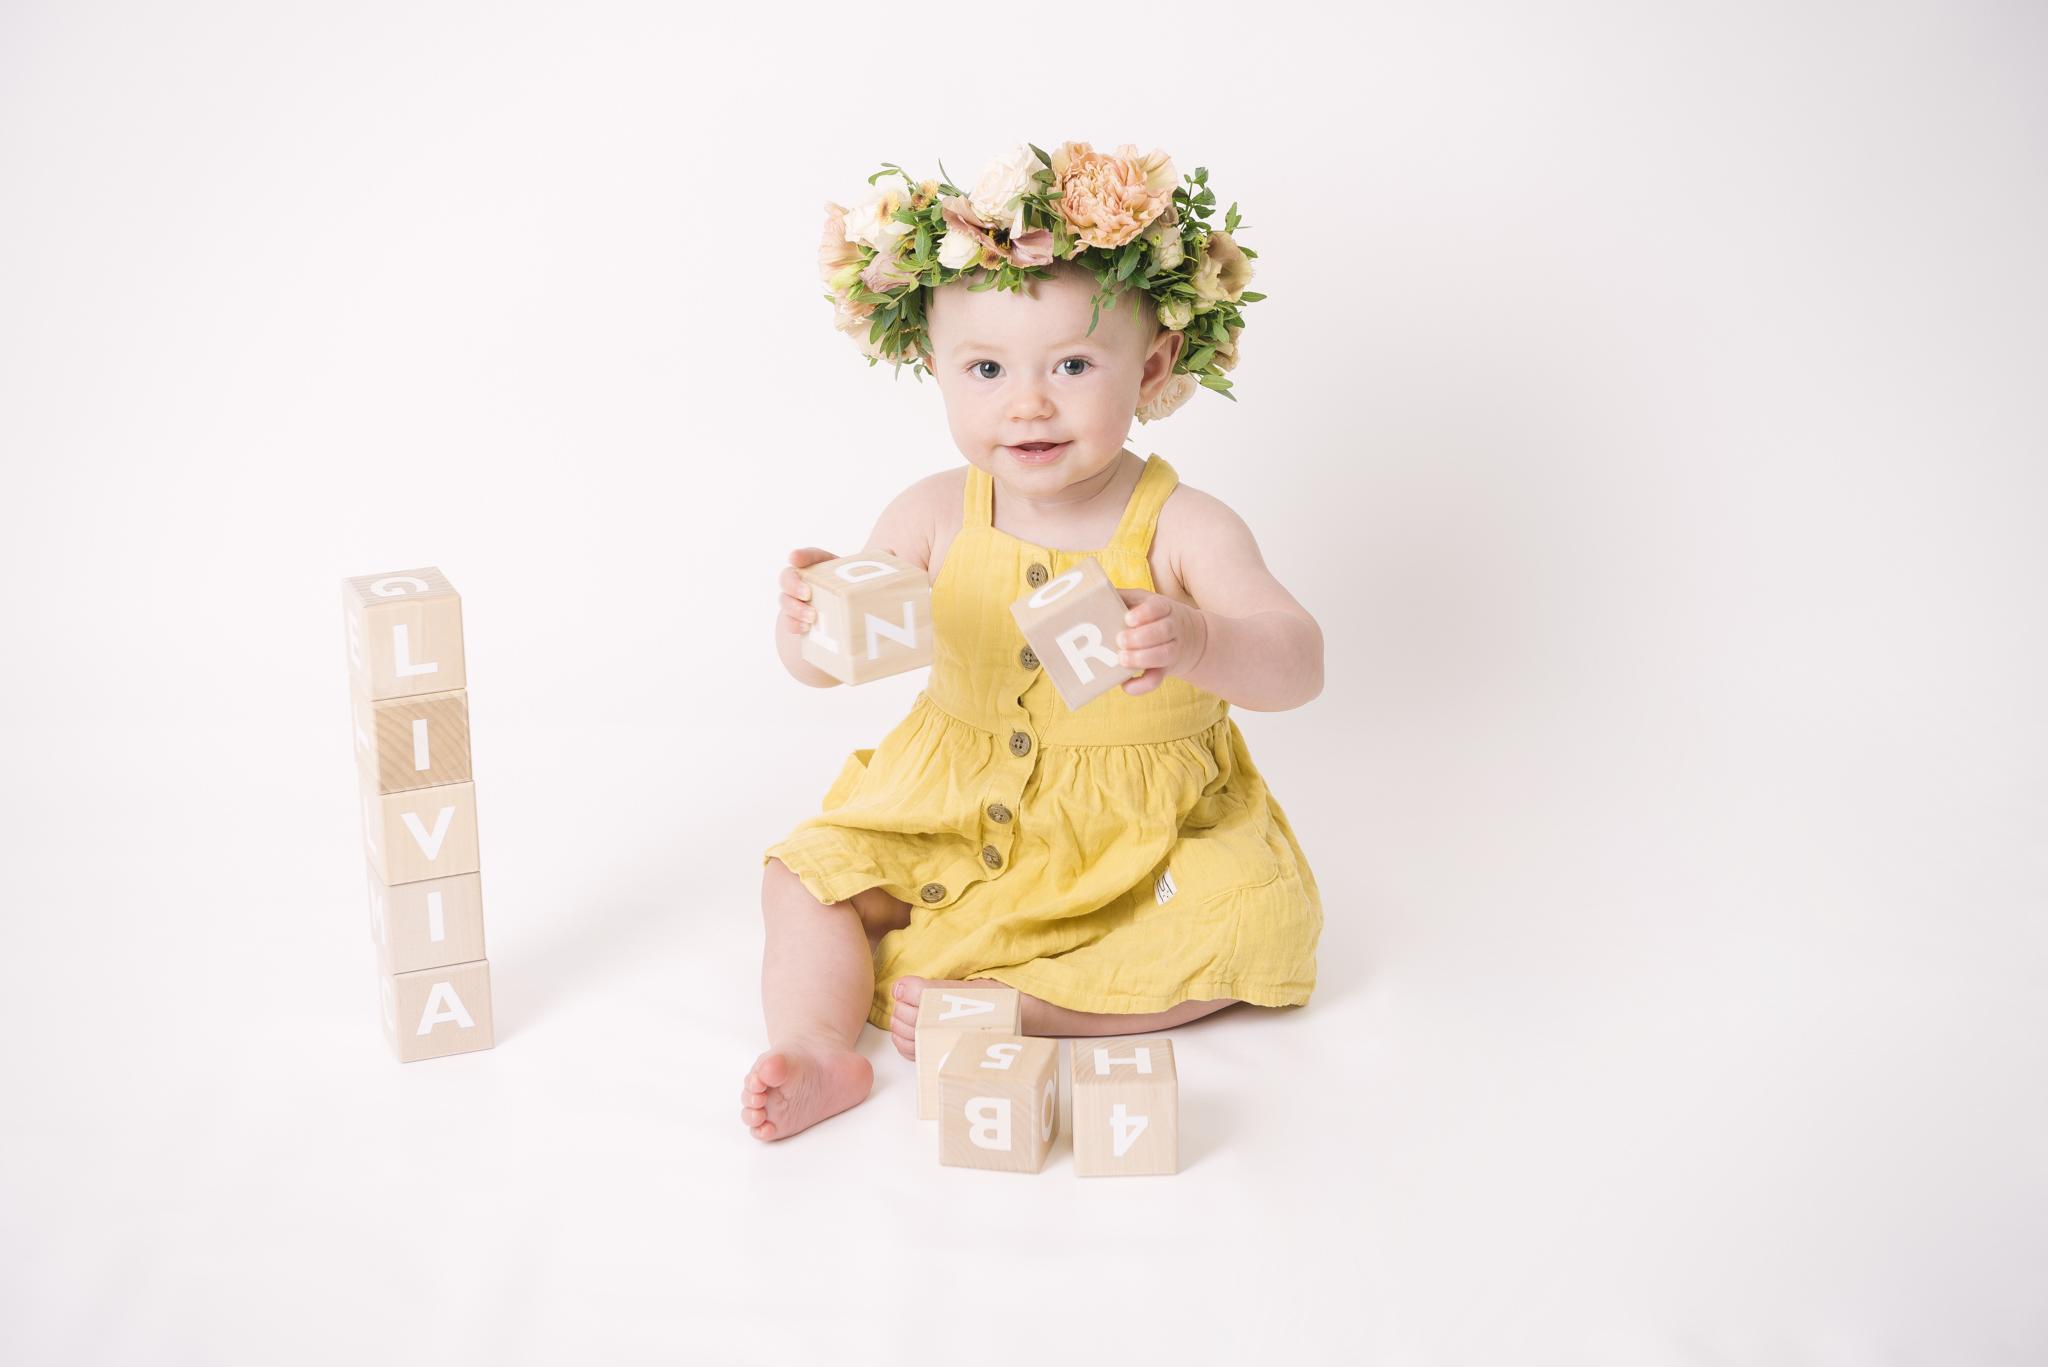 Ettårsfotografering med blomsterkrans